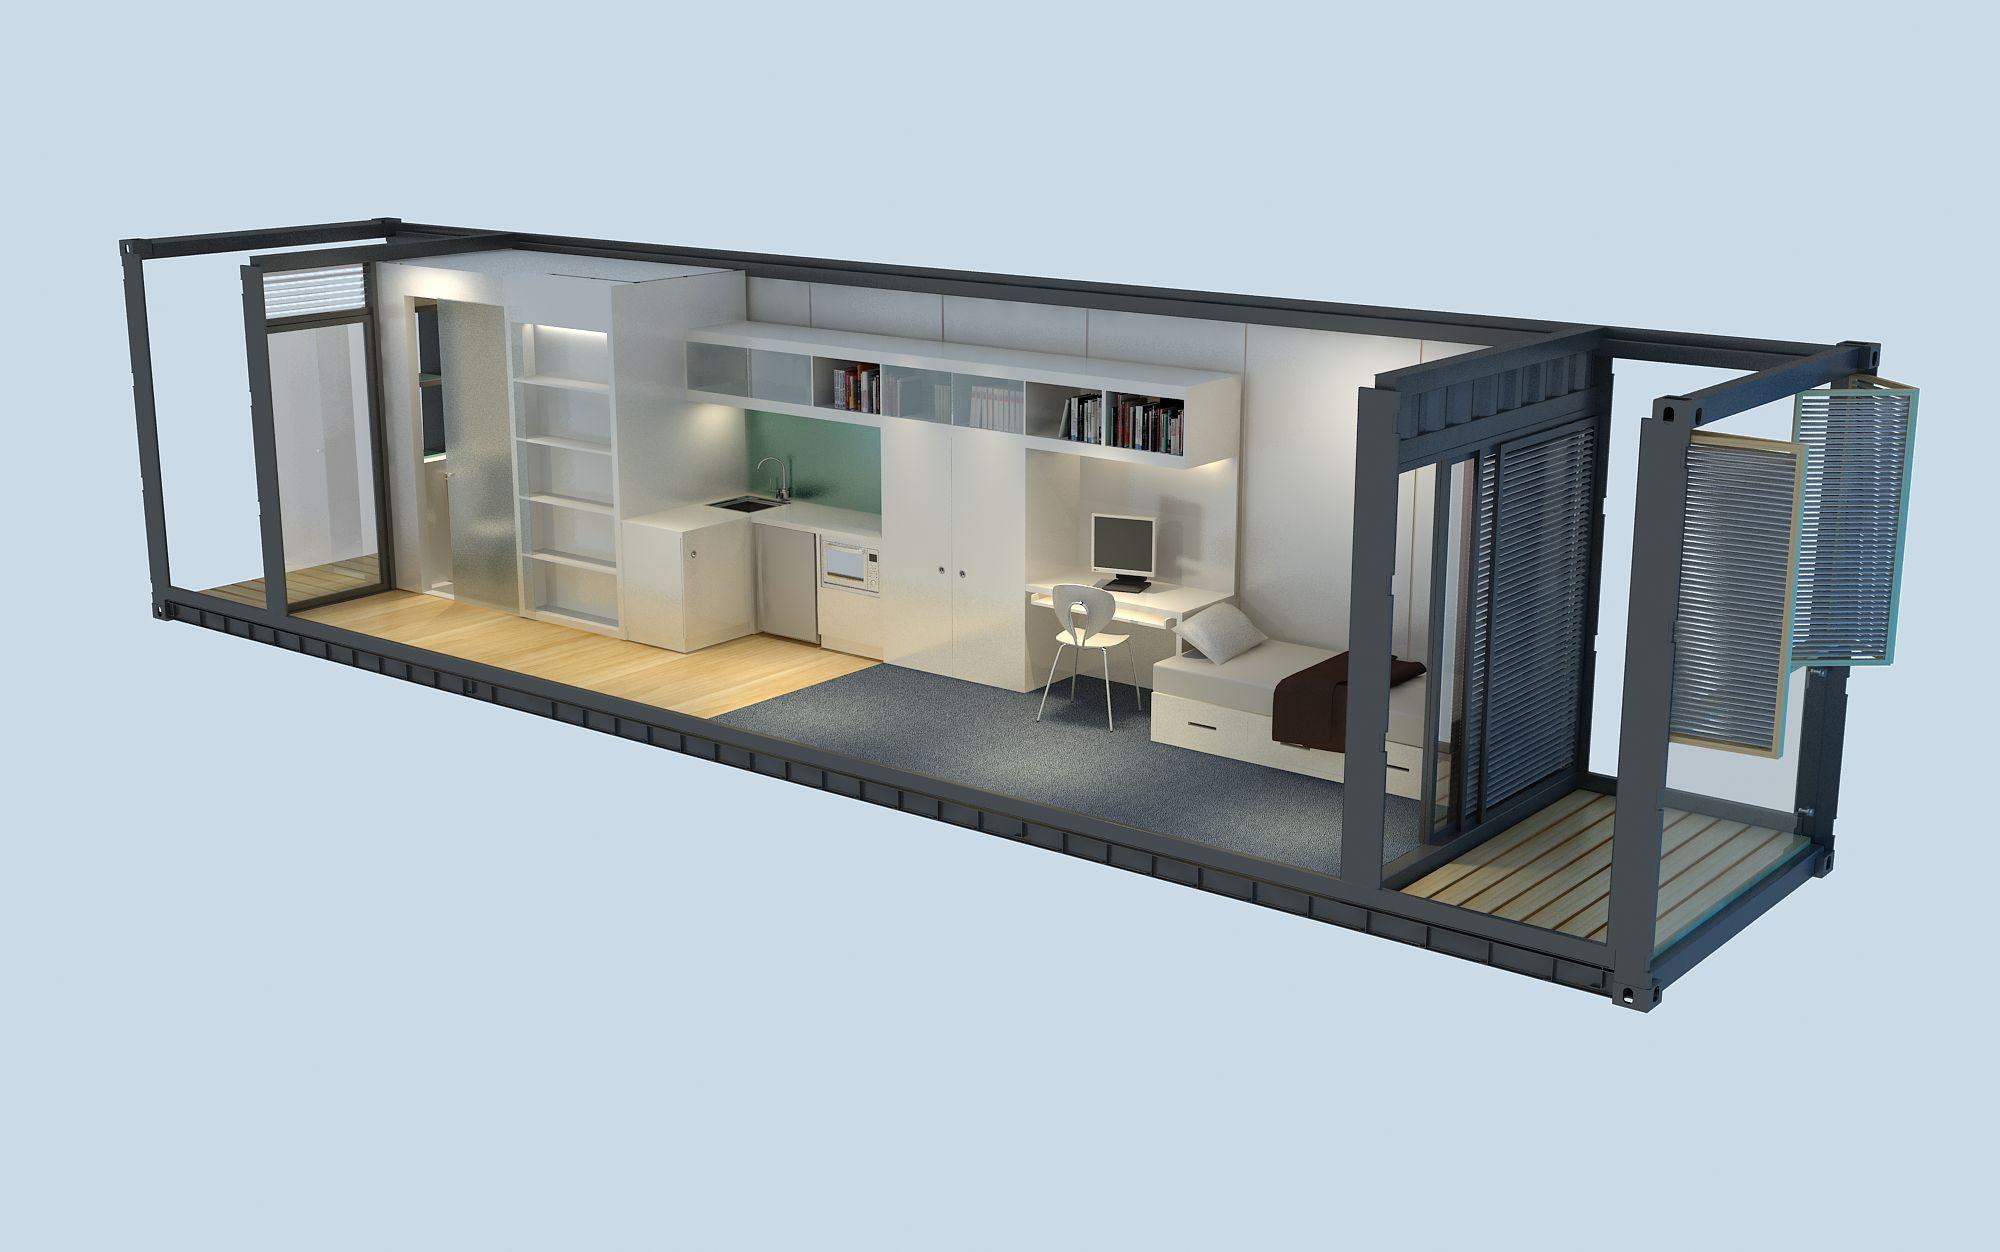 Faire Construire Une Maison Container accueillir papy ou mamie dans une maison conteneur